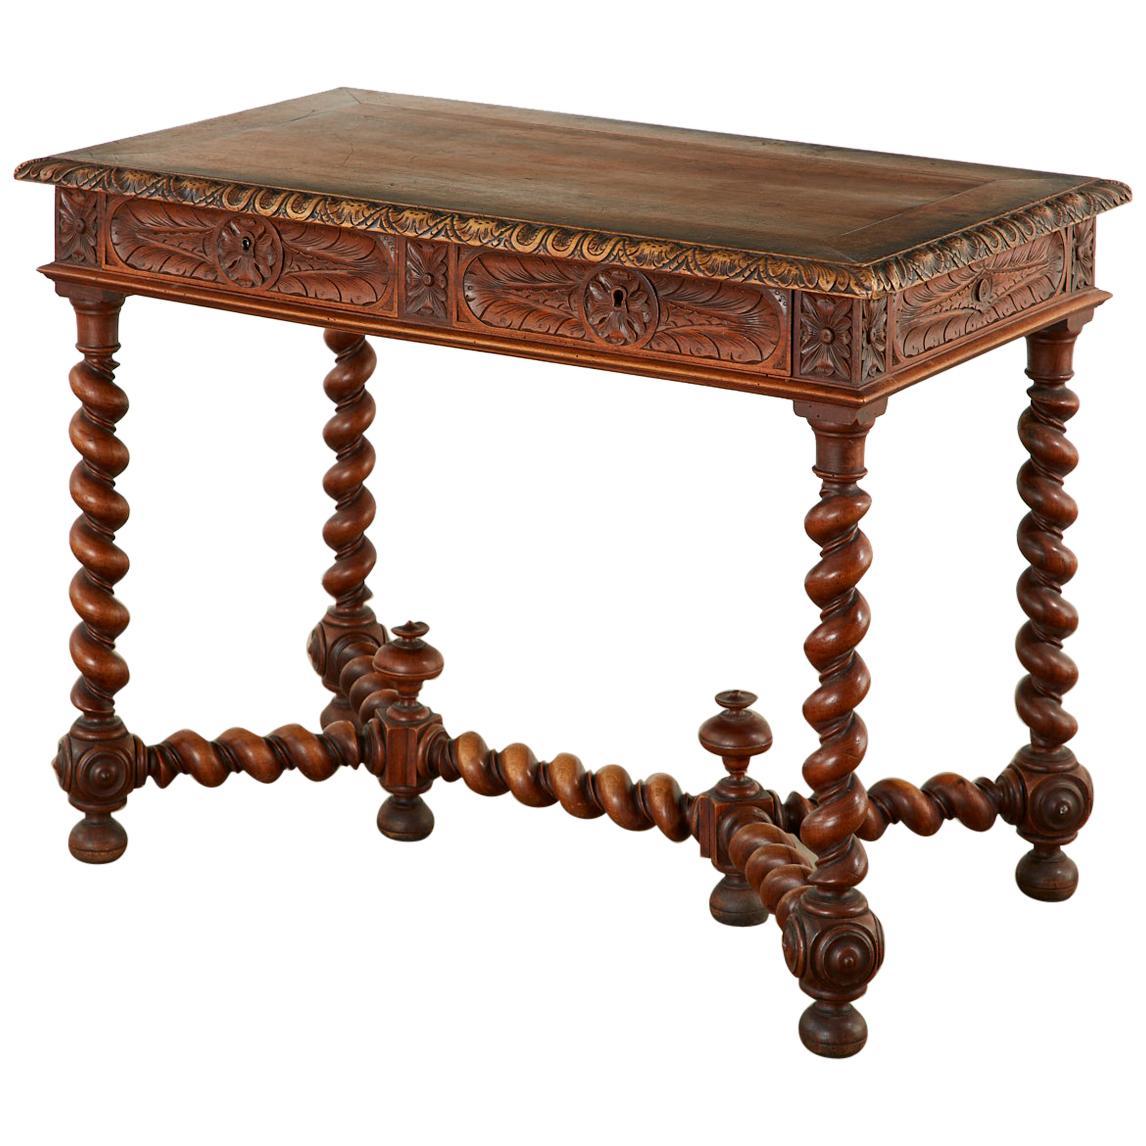 French Louis XIII Style Oak Barley Twist Library Table Desk